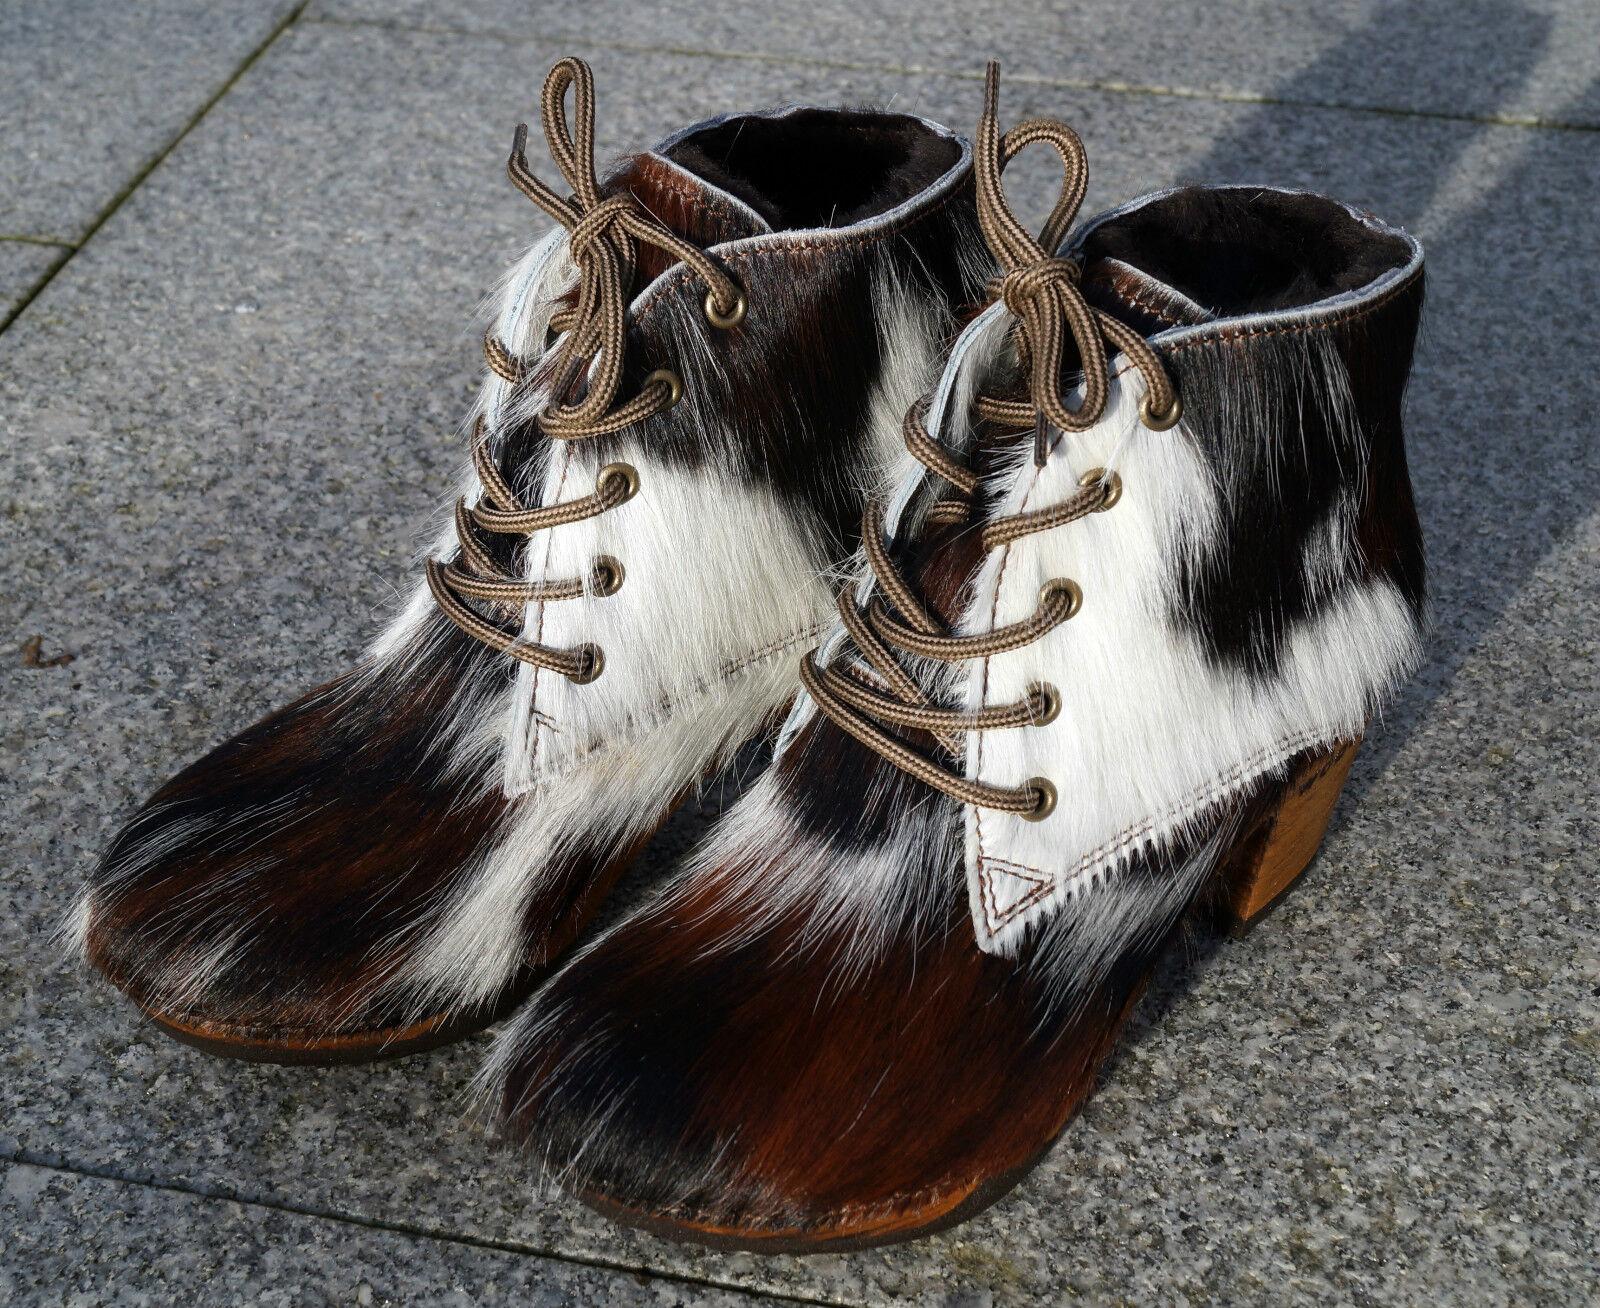 Woody Damen Stiefel Stiefelette wood-o-flex Fell Fell Fell Naturfell Gr. 36 - 42 gefüttert 763dbf